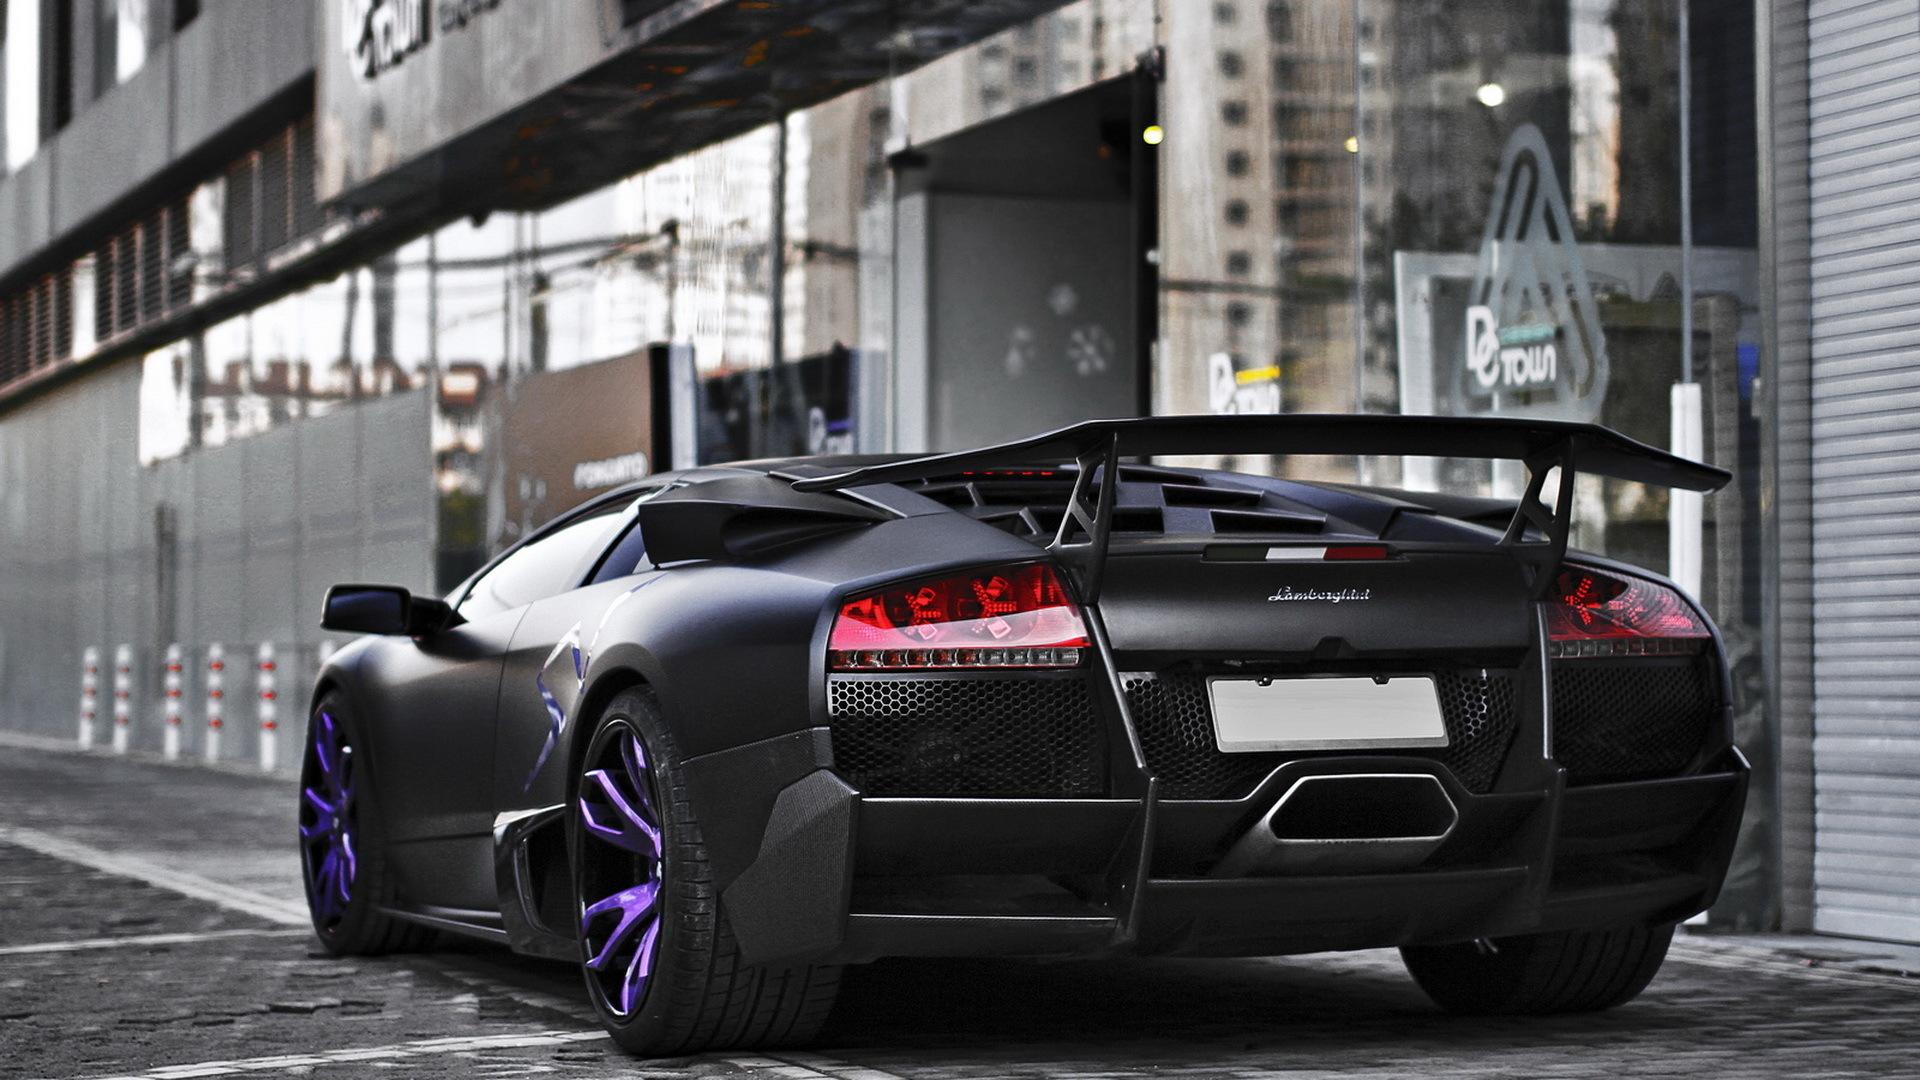 Картинка: Lamborghini, Murcielago, SV, черный, матовый, улица, тротуар, здание